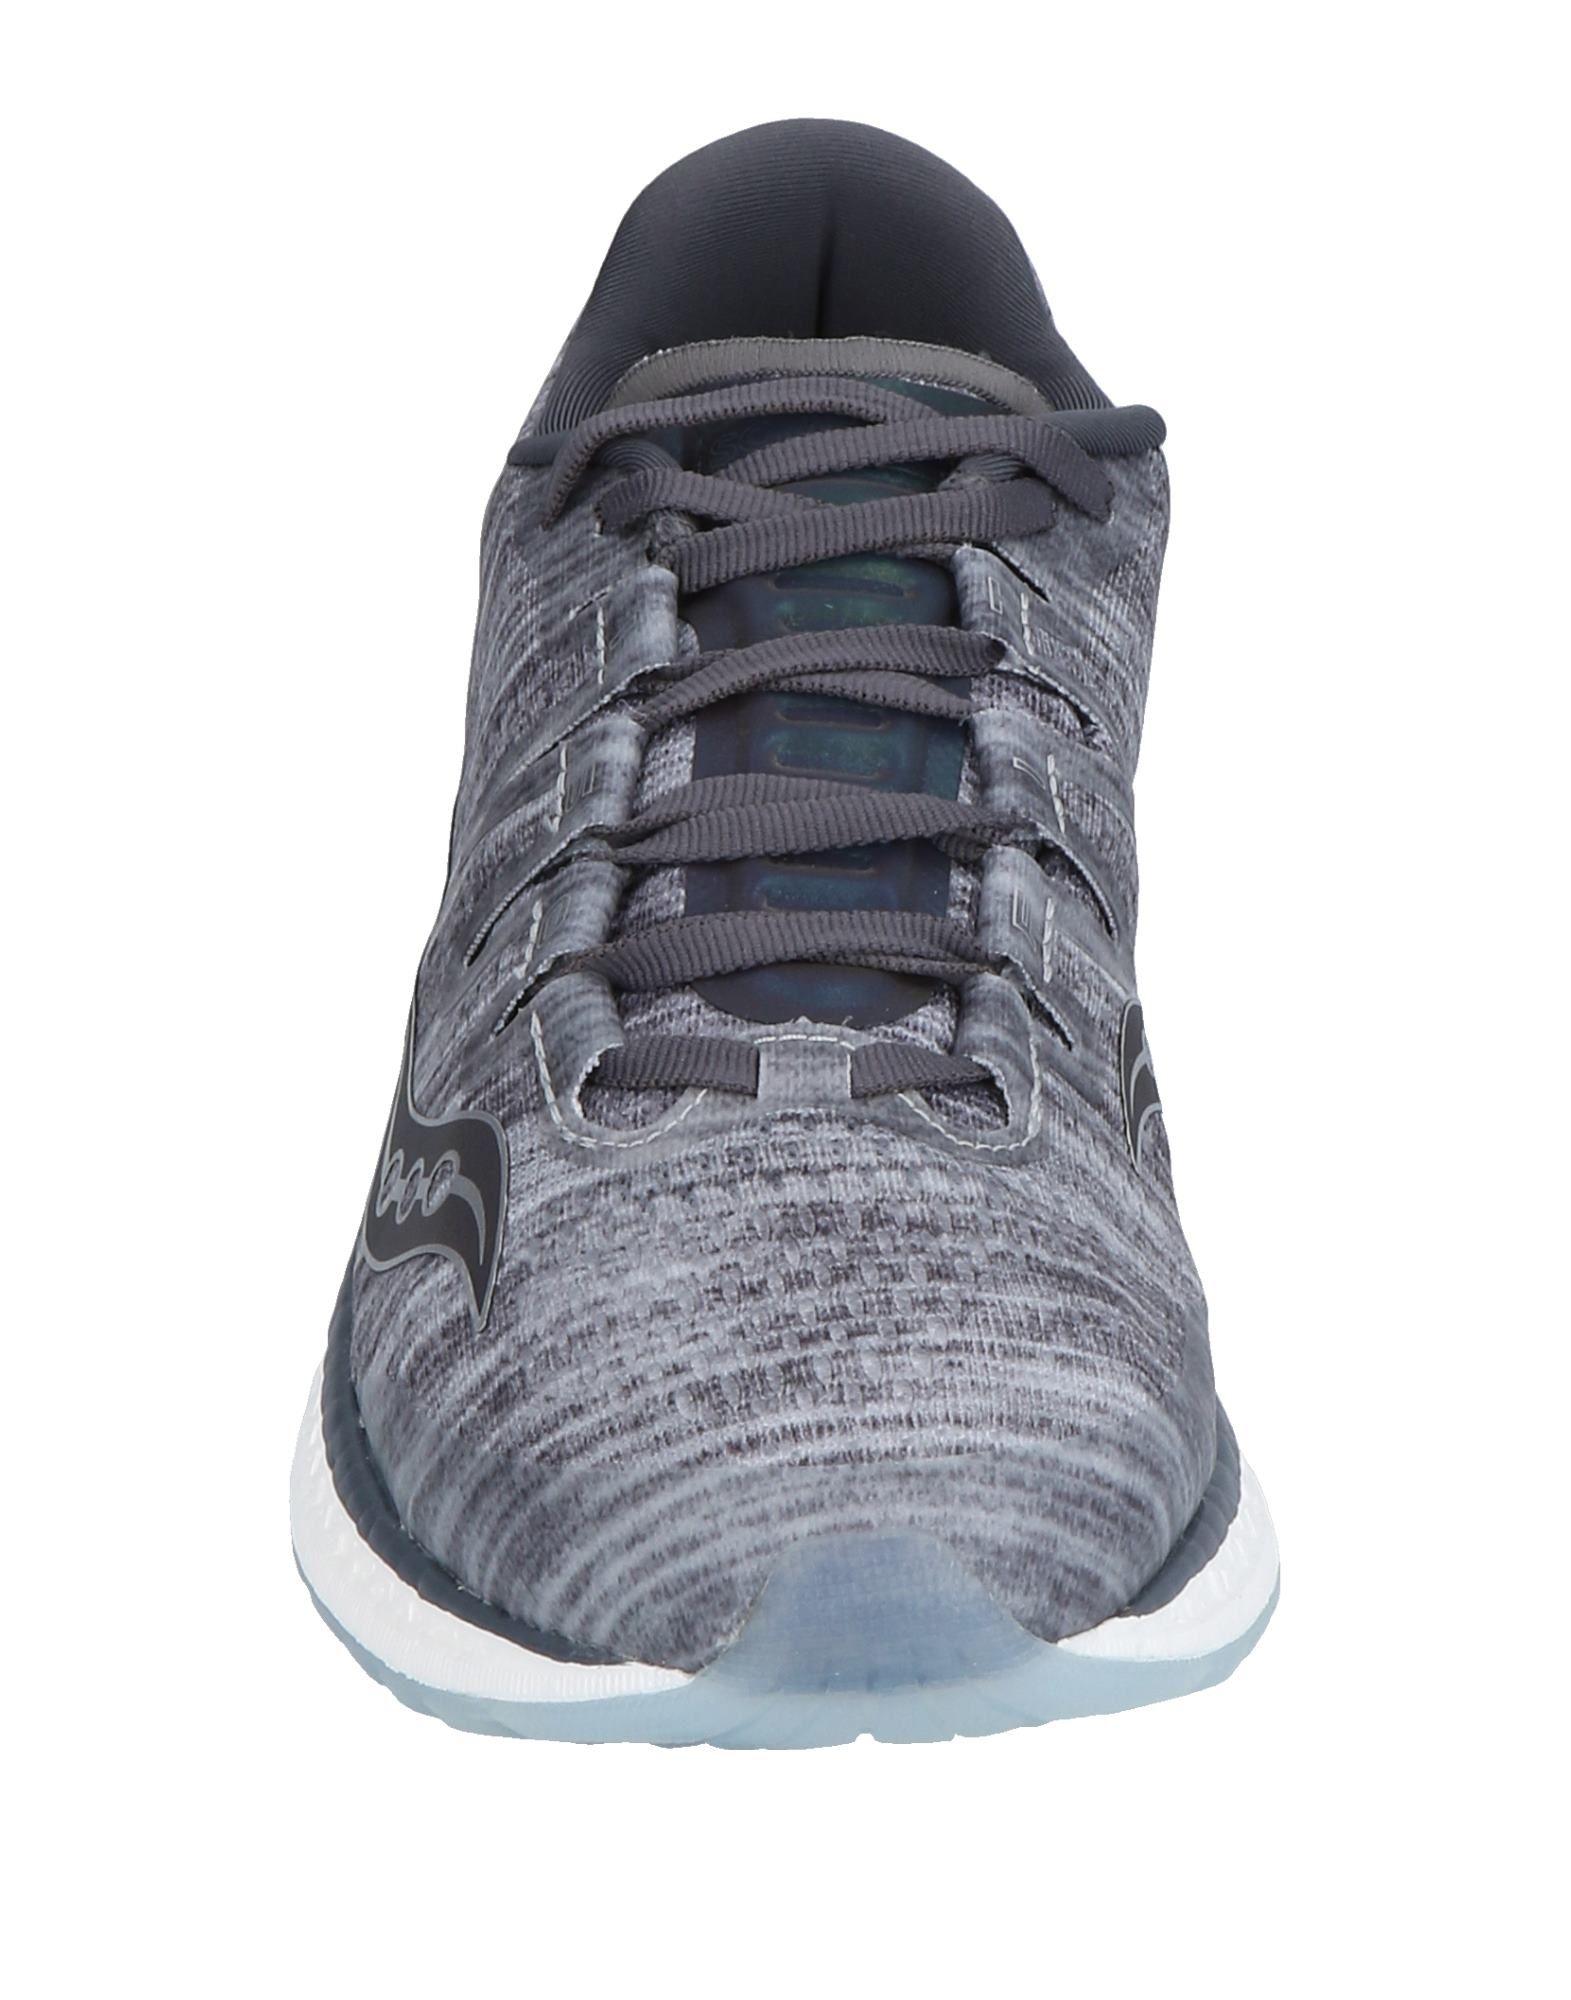 Rabatt echte Sneakers Schuhe Saucony Sneakers echte Herren  11493965RI e828d2